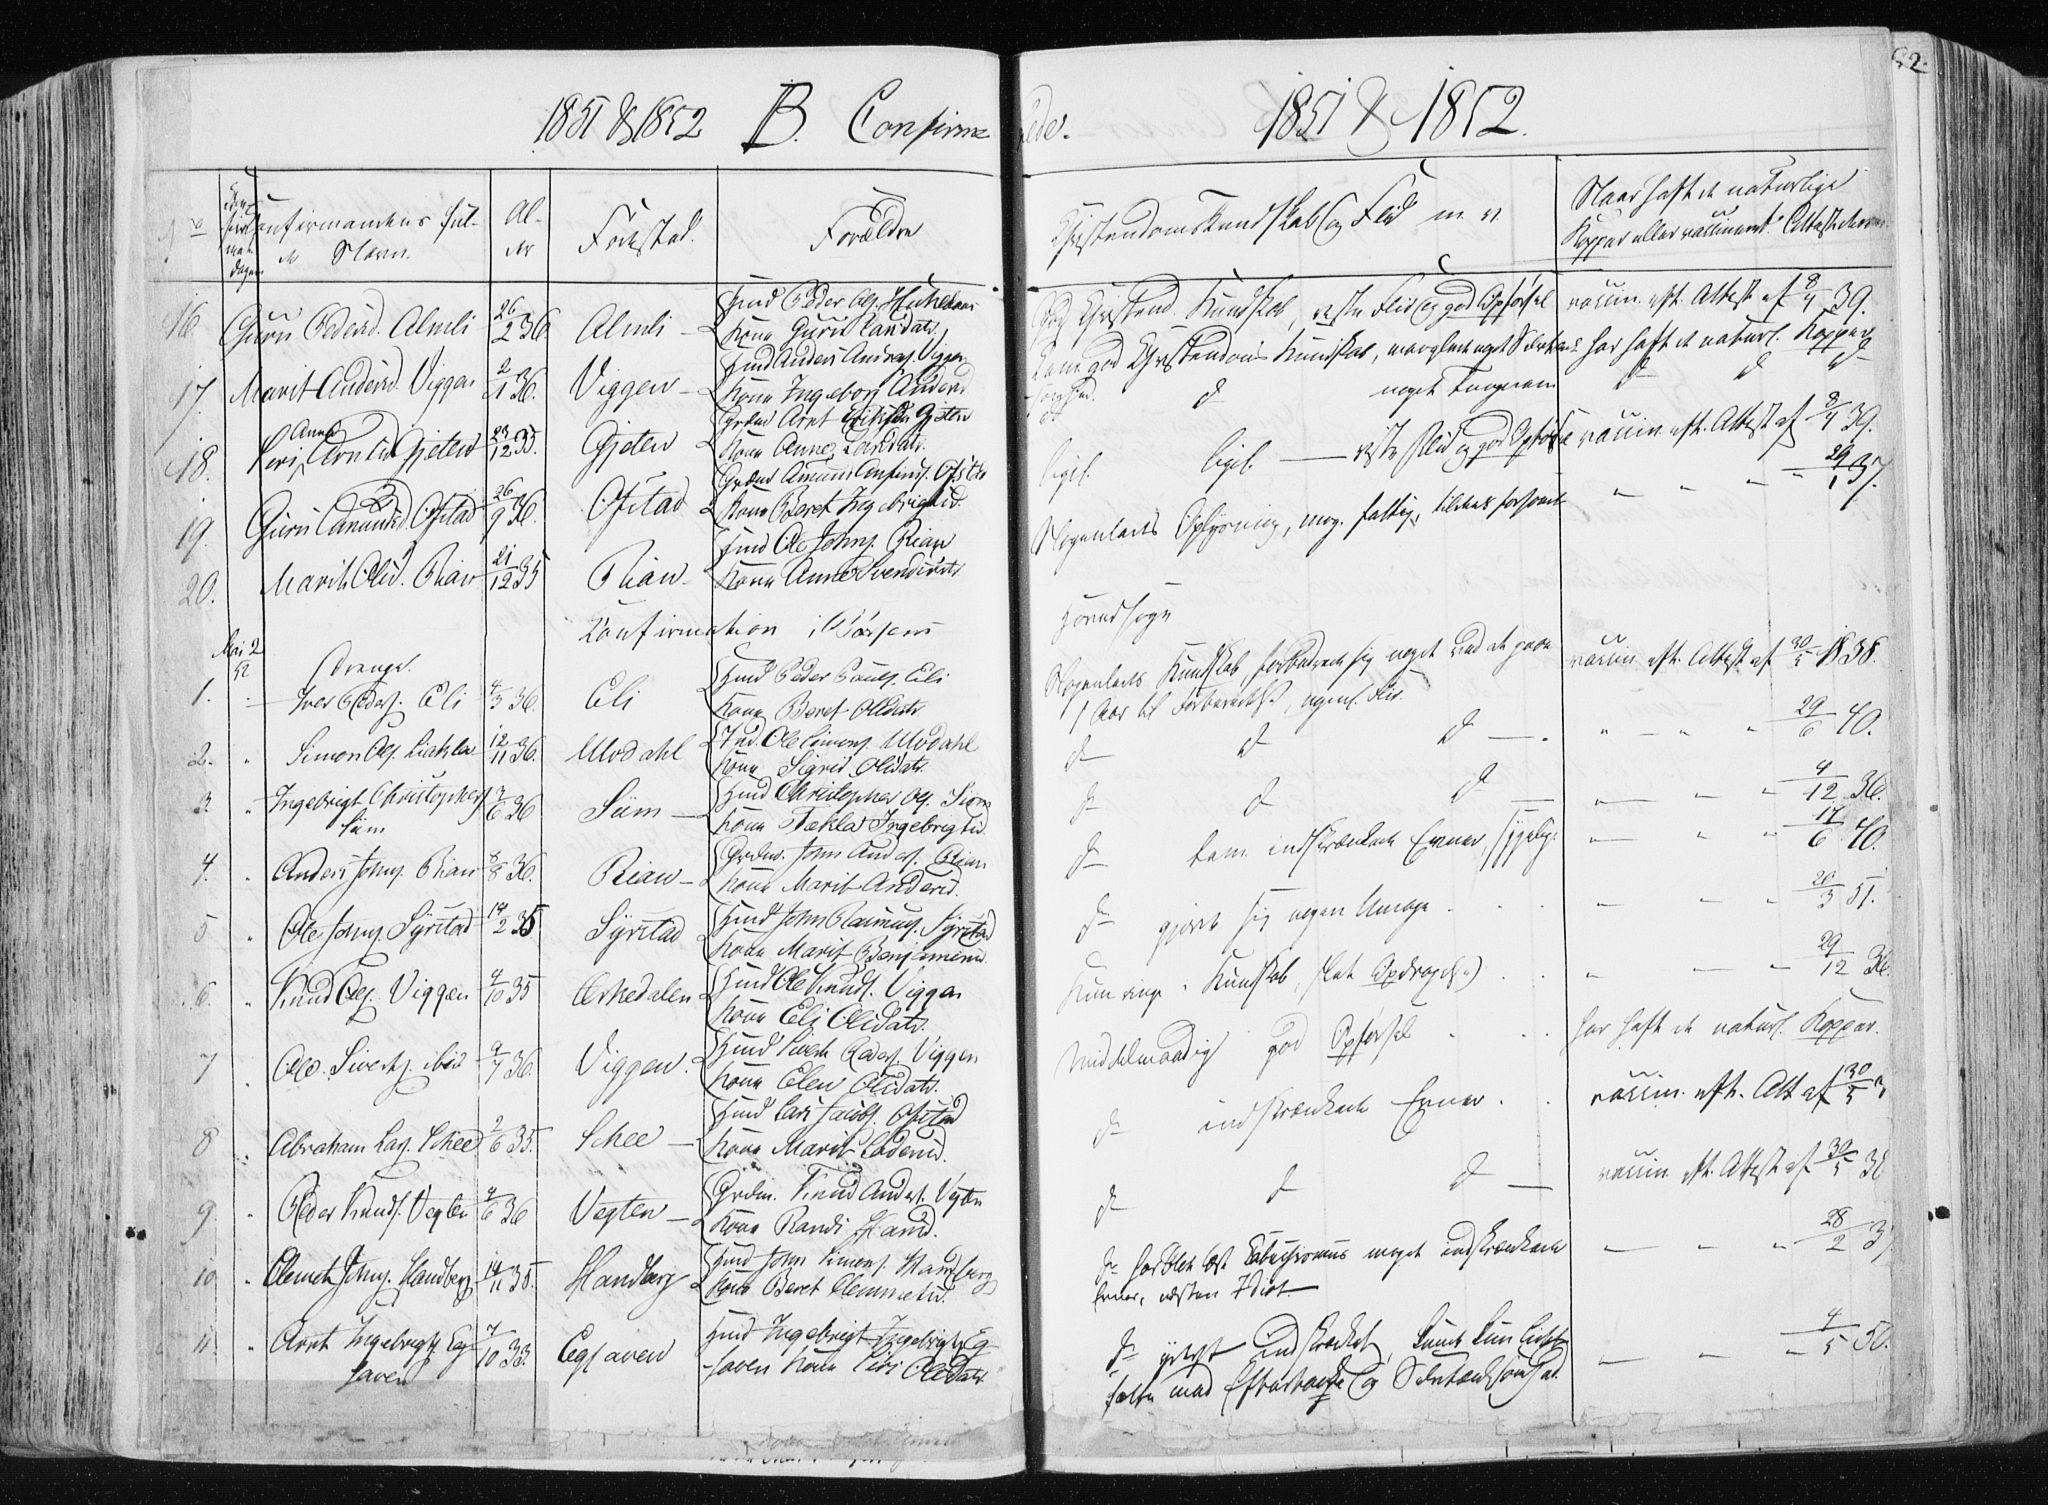 SAT, Ministerialprotokoller, klokkerbøker og fødselsregistre - Sør-Trøndelag, 665/L0771: Ministerialbok nr. 665A06, 1830-1856